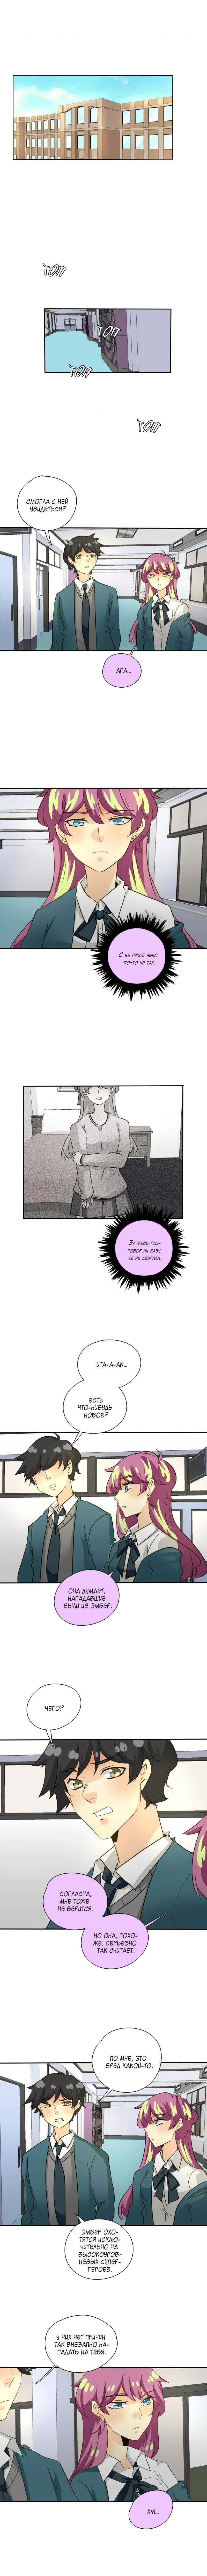 Манга неОРДИНАРНЫЕ / unORDINARY  - Том 1 Глава 124 Страница 5